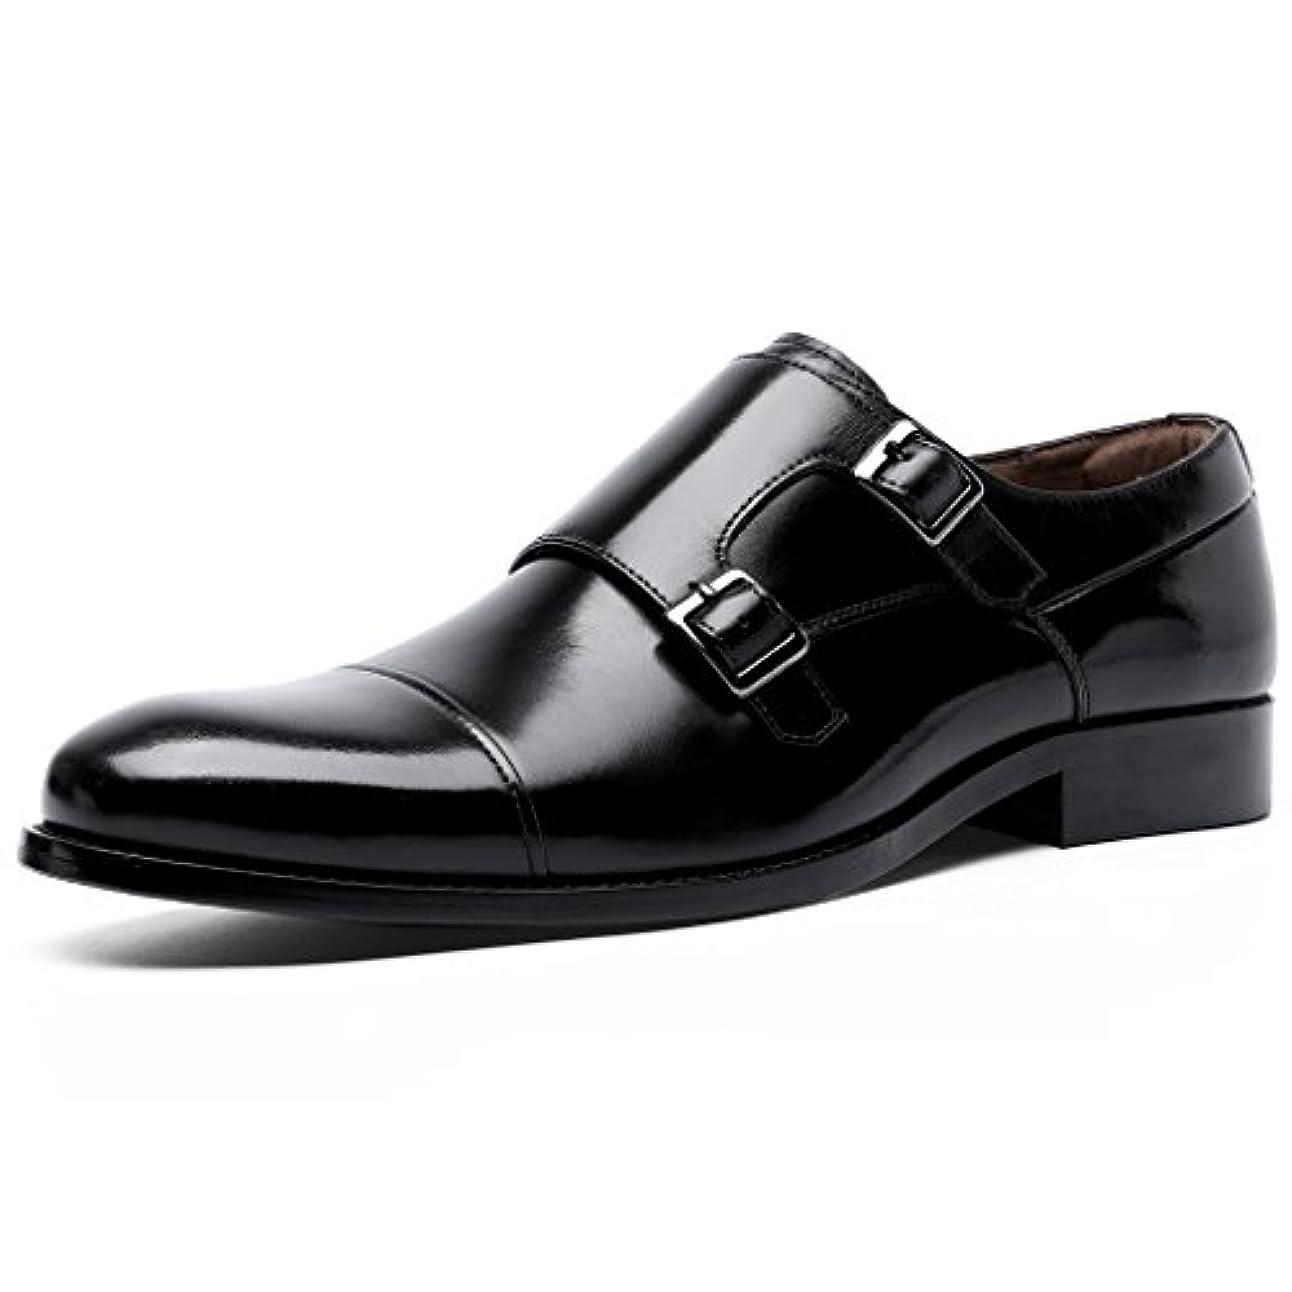 についてマザーランド福祉[ロムリゲン] Romlegen ビジネスシューズ メンズ 紳士靴 革靴 本革 モンクストラップ